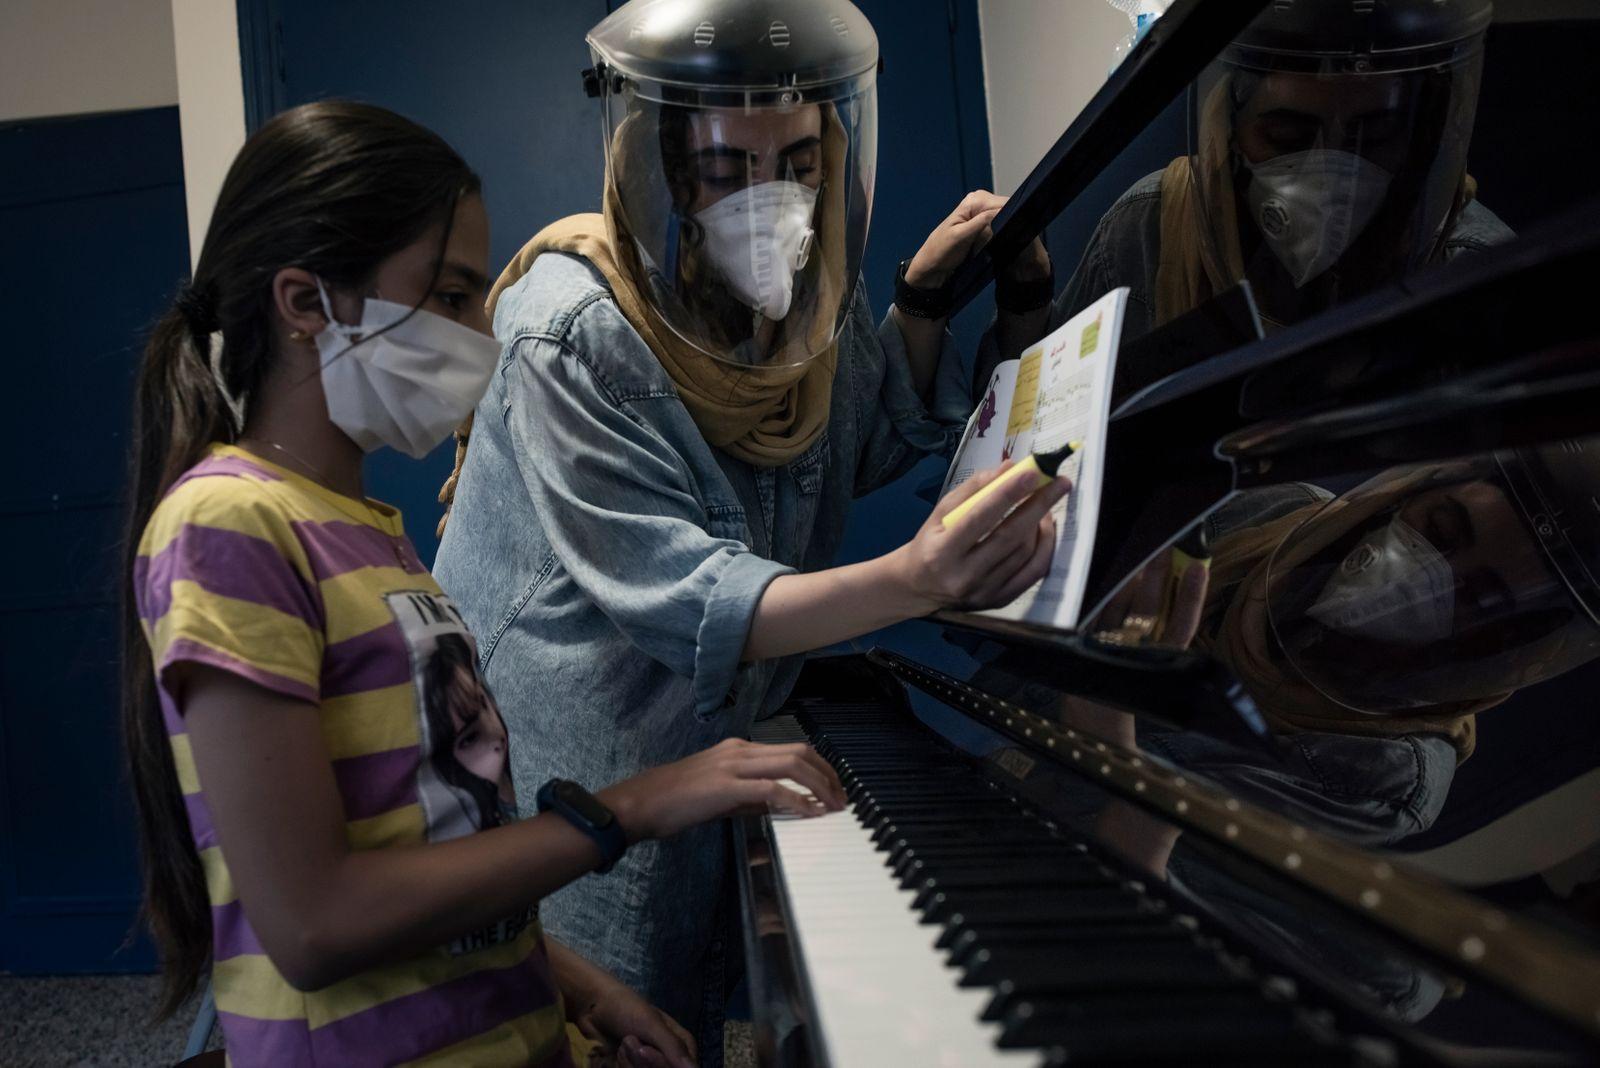 Mojde, The piano teacher